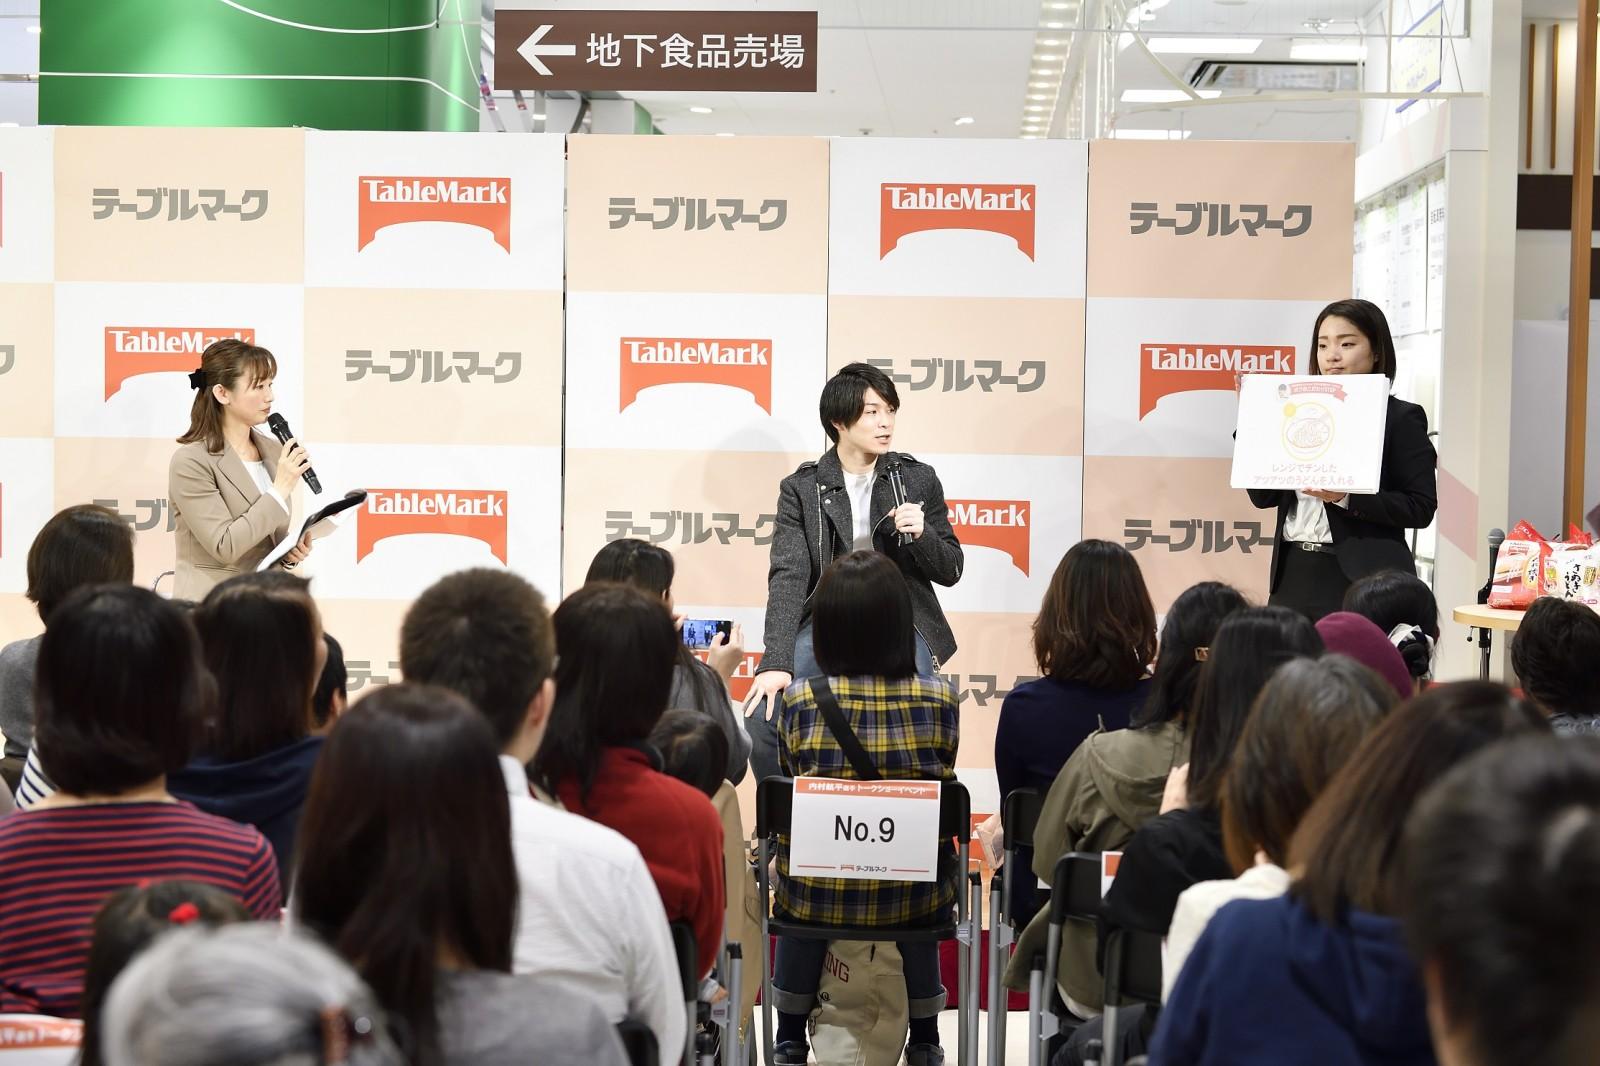 内村航平トークショーを開催(テーブルマーク)